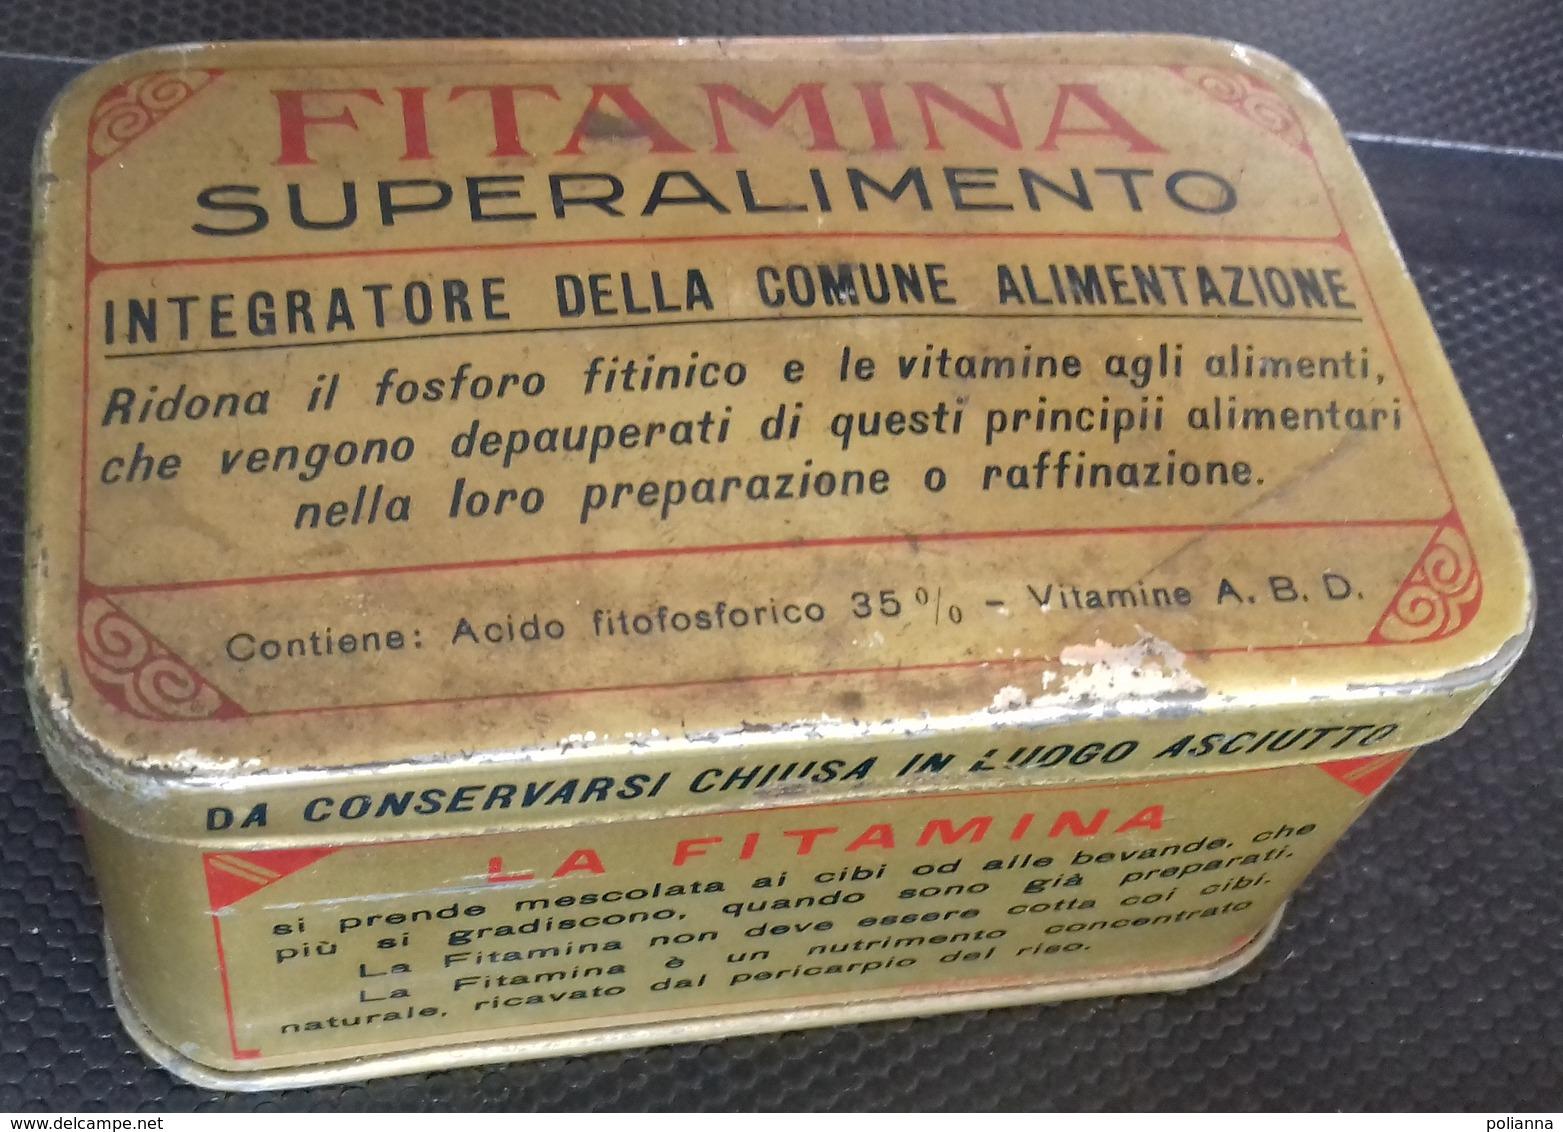 M#0U47 SCATOLA IN LATTA Anni '30 FITAMINA SUPERALIMENTO INTEGRATORE ALIMENTARE/FARMACEUTICA - Scatole